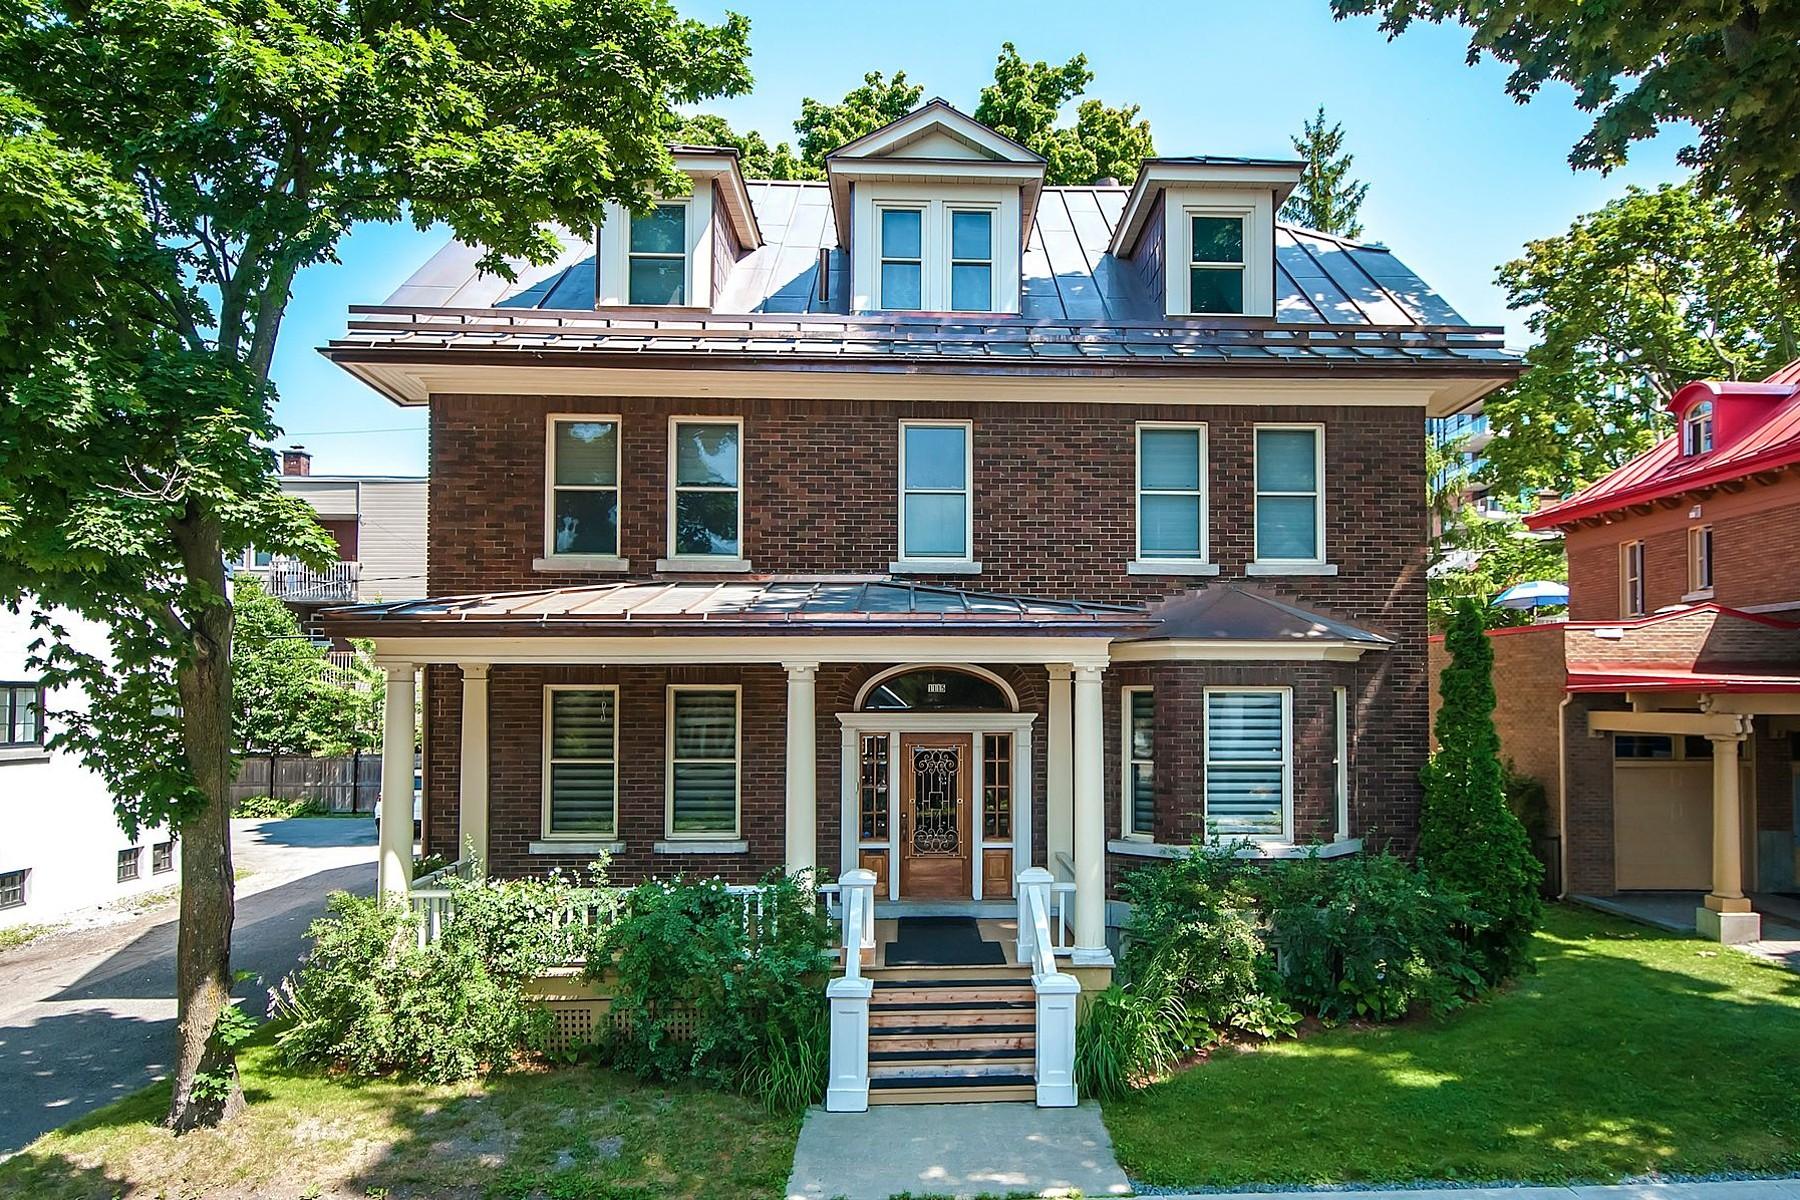 Single Family Homes for Sale at La Cité, Capitale-Nationale 1115 Av. Louis-St-Laurent Quebec, Quebec G1R2W8 Canada